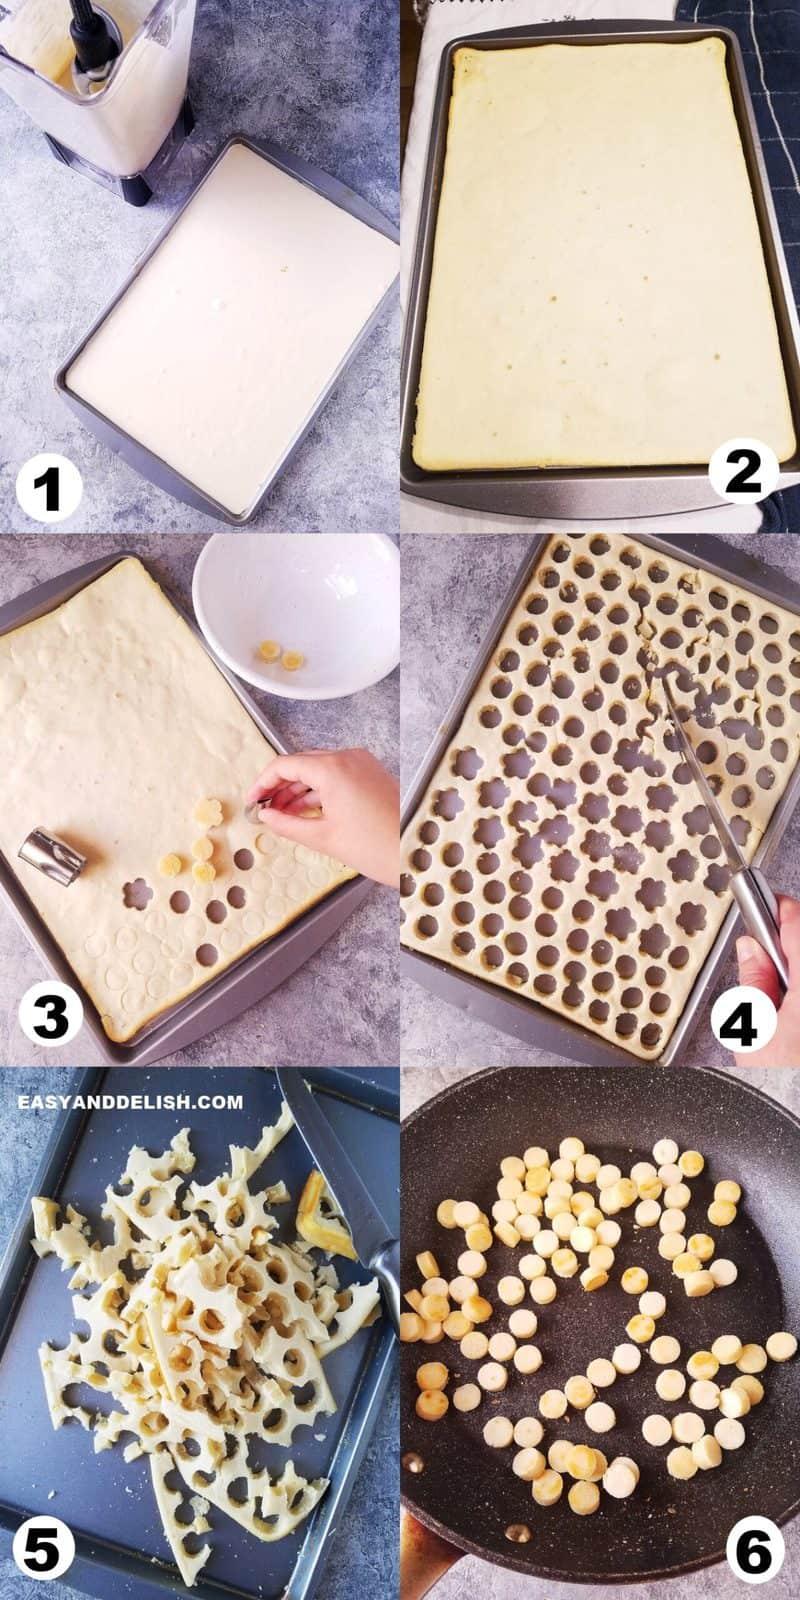 foto colagem mostrando como fazer mini panquecas americanas em 6 etapas